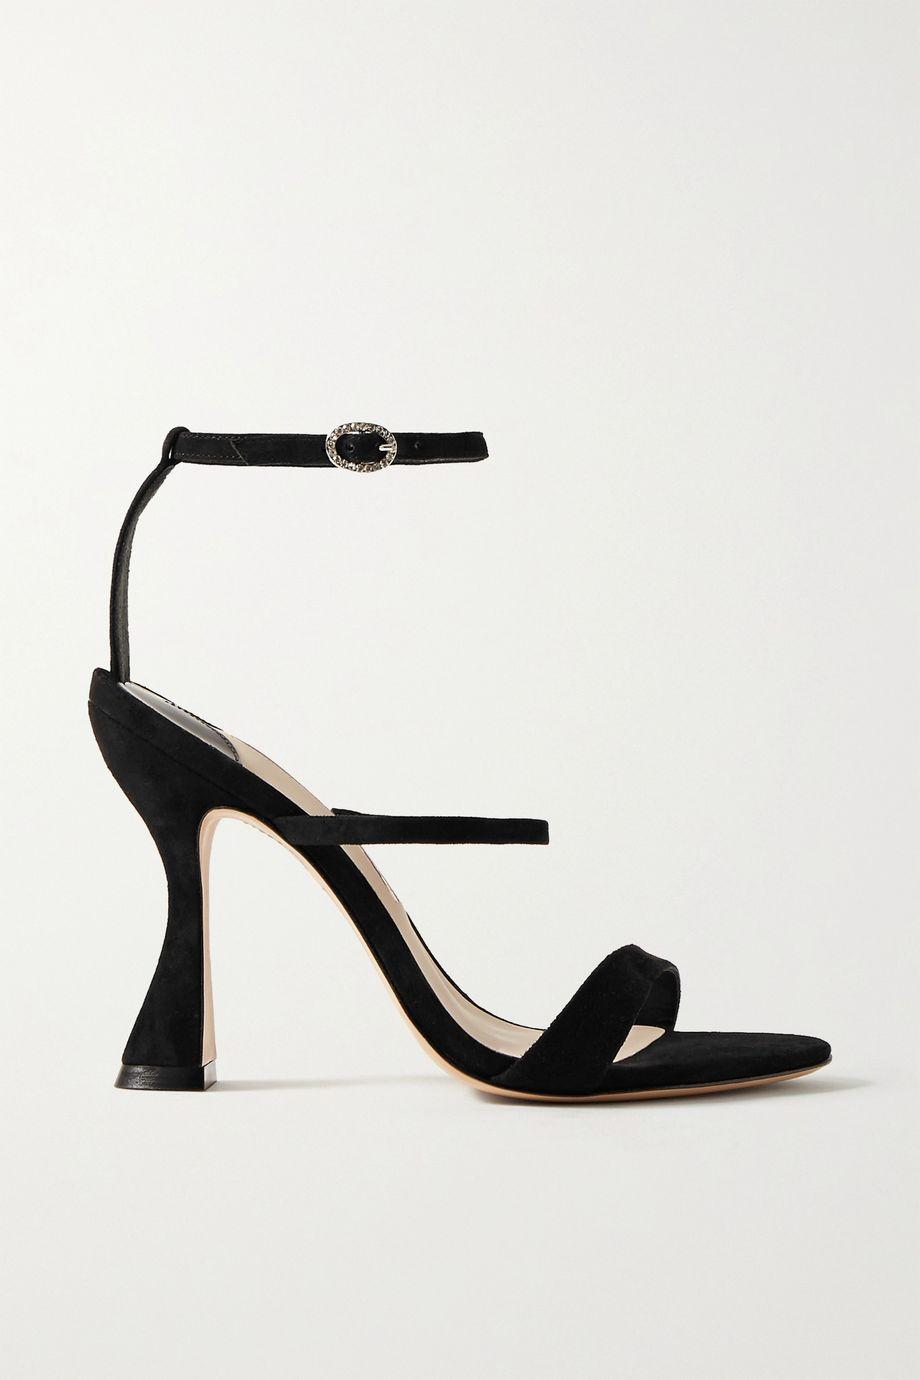 Sophia Webster Rosalind Marie suede sandals